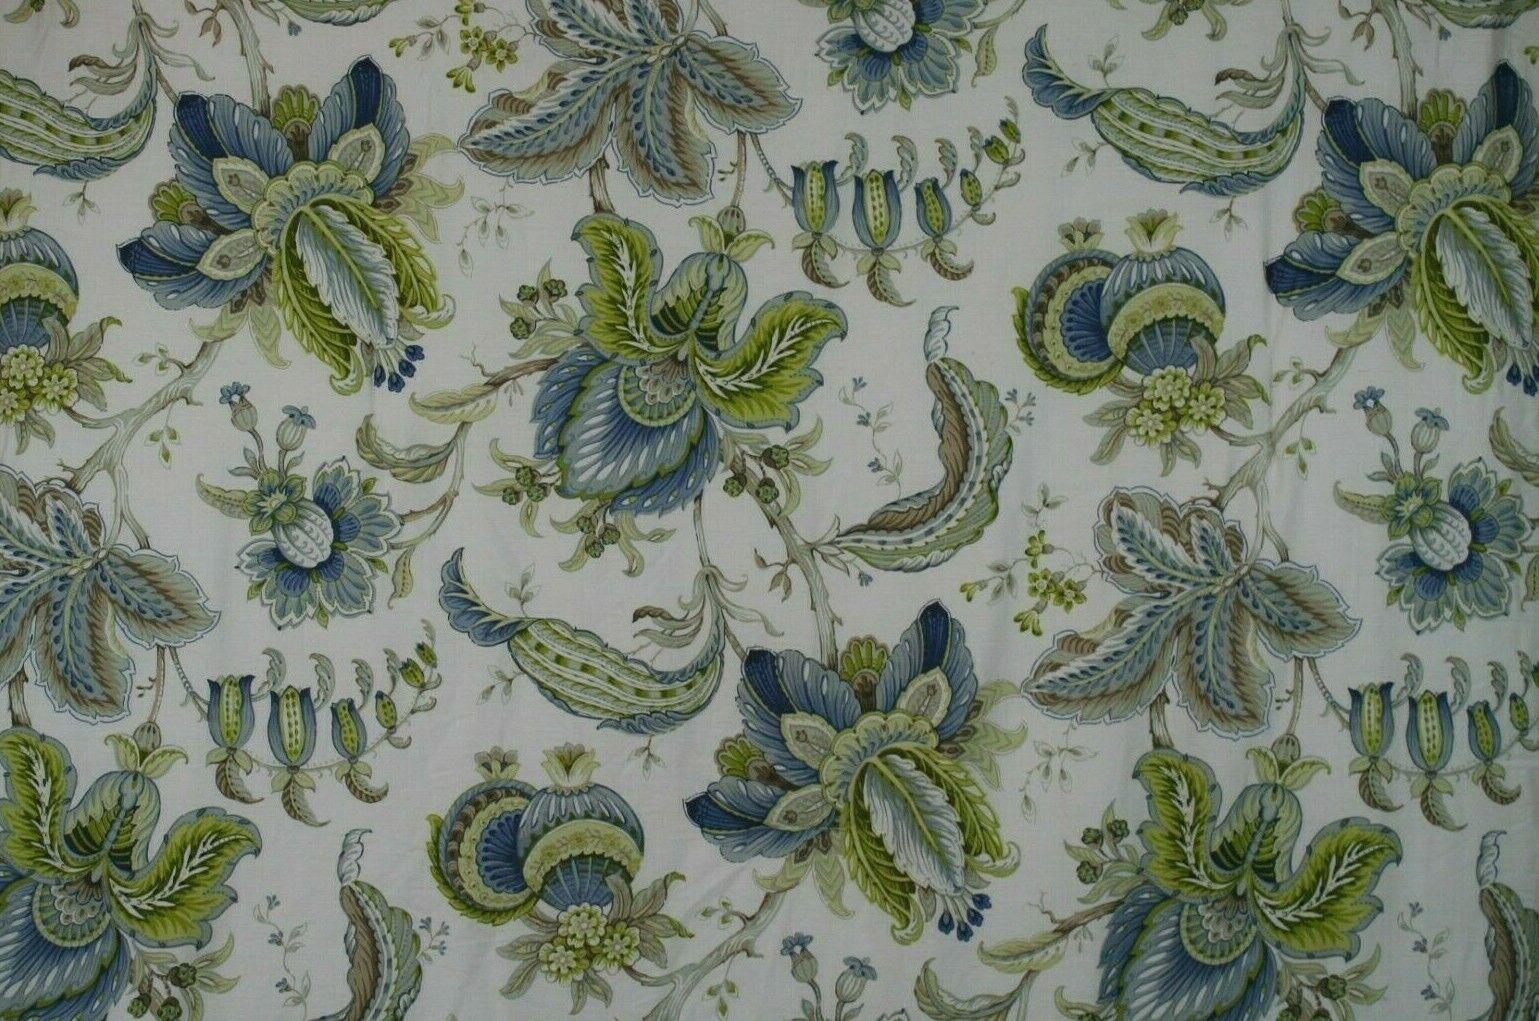 Cynthia Rowley 100% Cotton Reversible Queen Floral Comforter - 92 x 96 No Shams